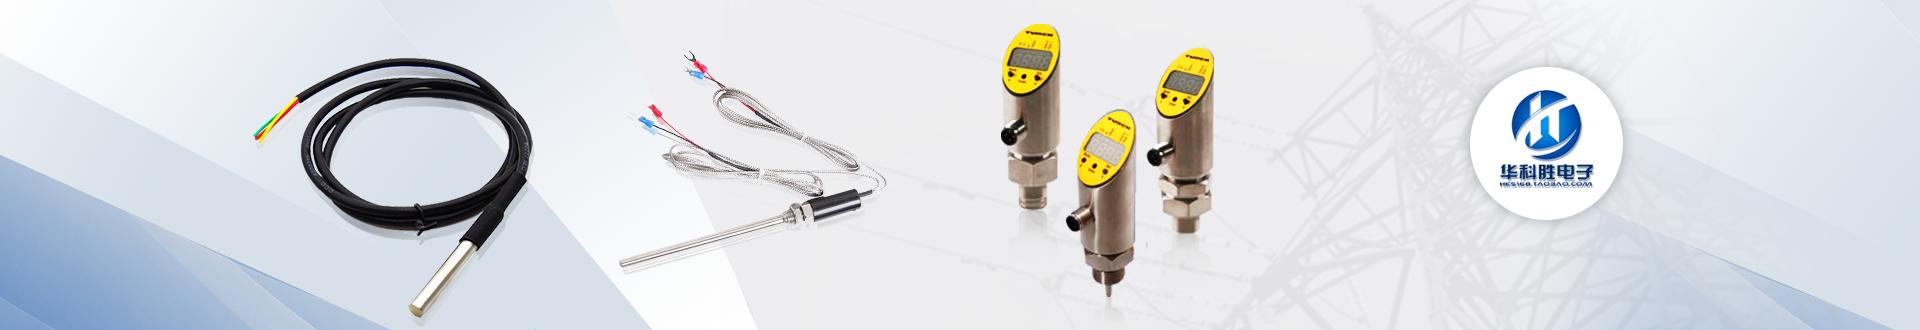 电工电器成套设备